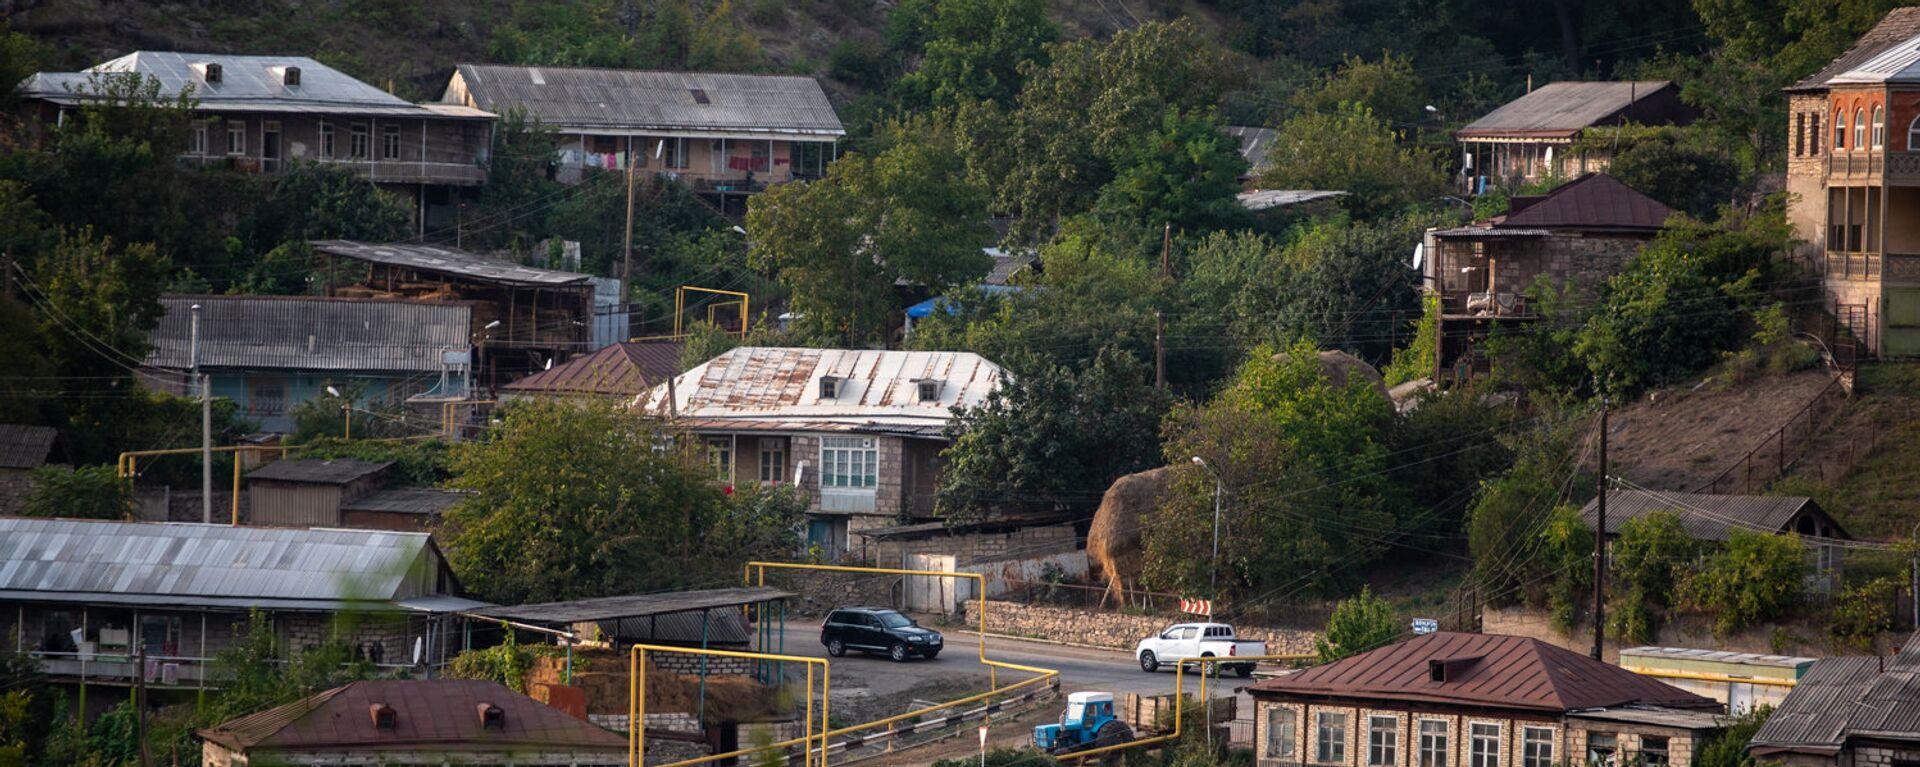 Село Баганис - Sputnik Армения, 1920, 19.09.2018